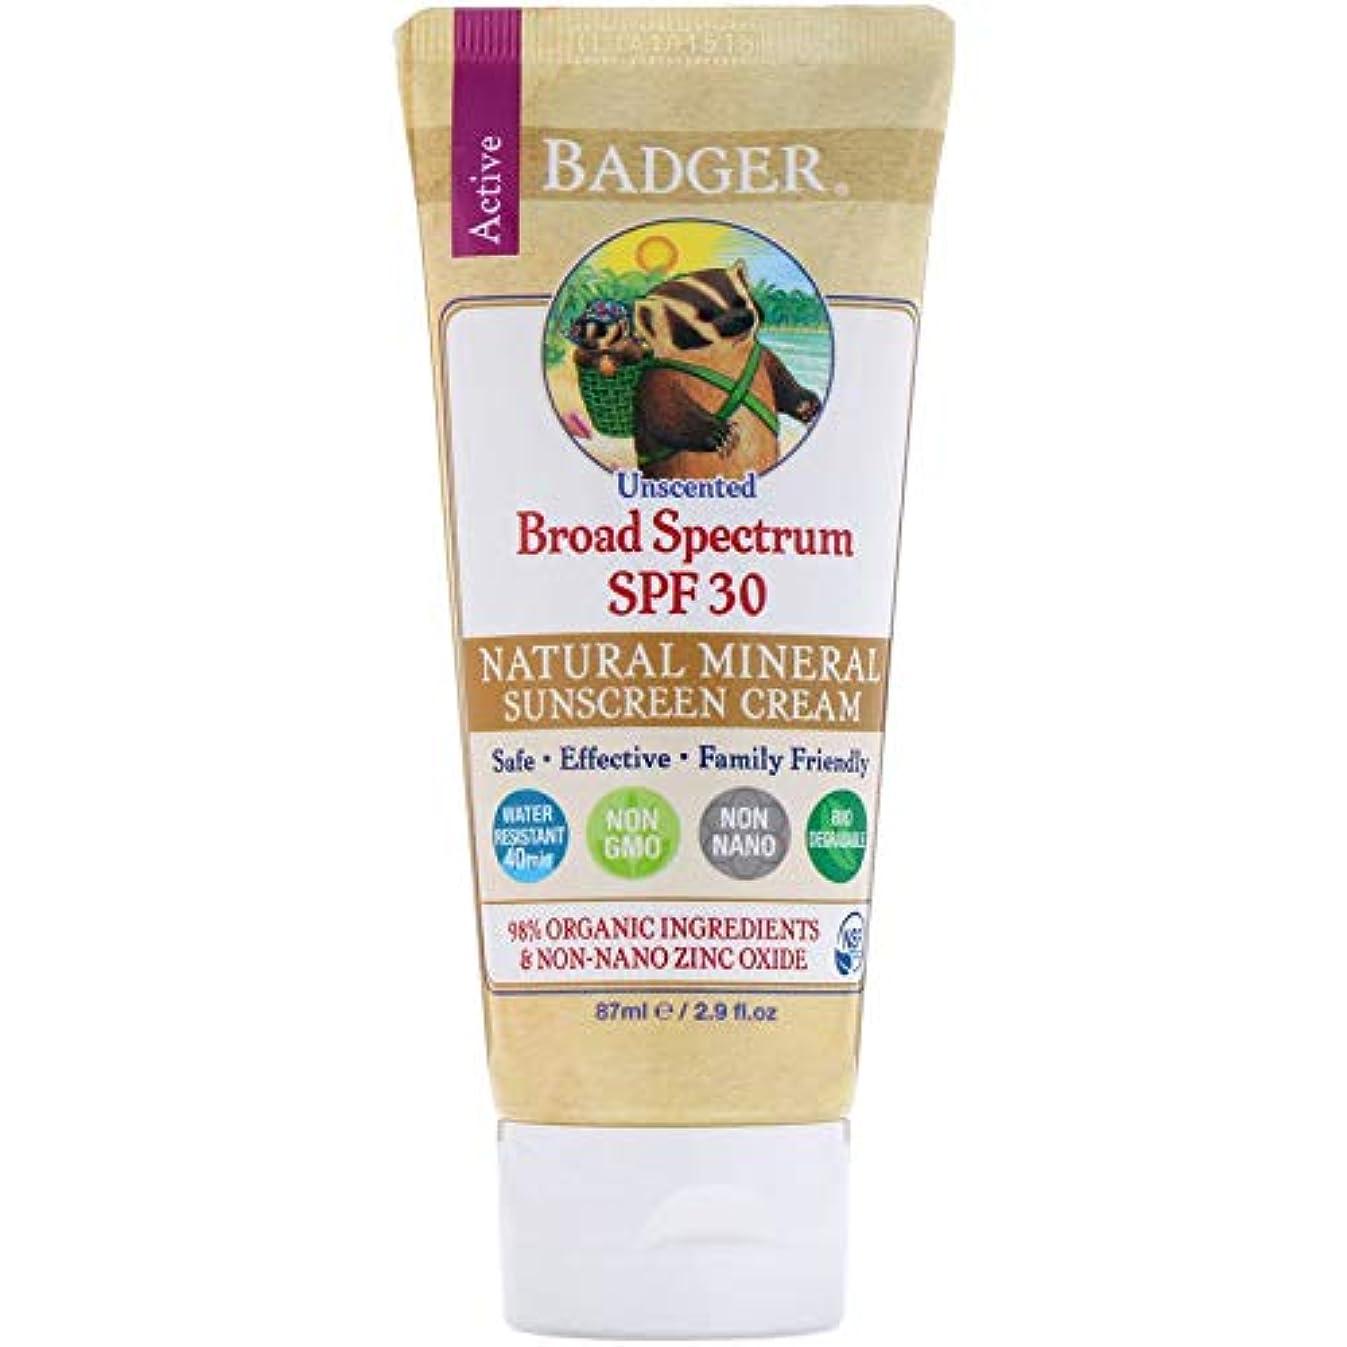 午後船乗り机Badger バジャー 日焼け止め オールナチュラル モイスチャライジング,Natural Mineral Sunscreen Cream SPF30 (無香料)87ml【海外直送品】- 3Packs